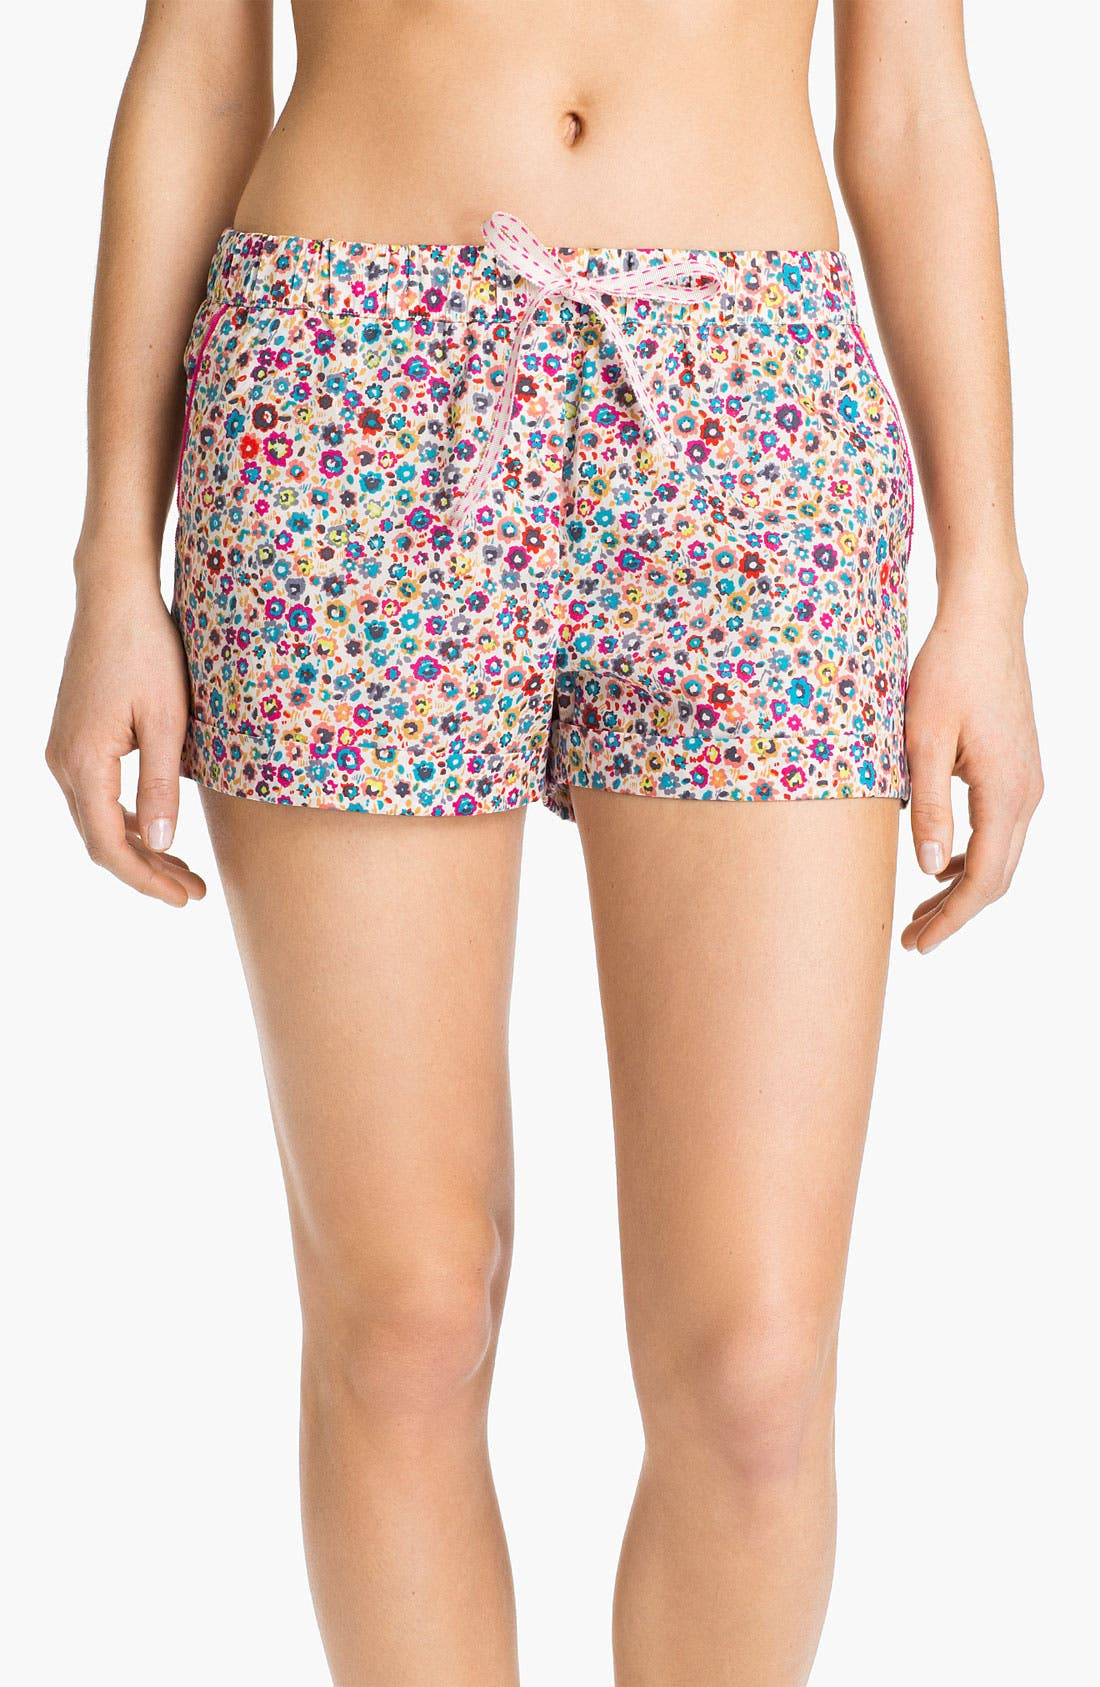 Alternate Image 1 Selected - DKNY 'Sugar Rush' Boxer Shorts